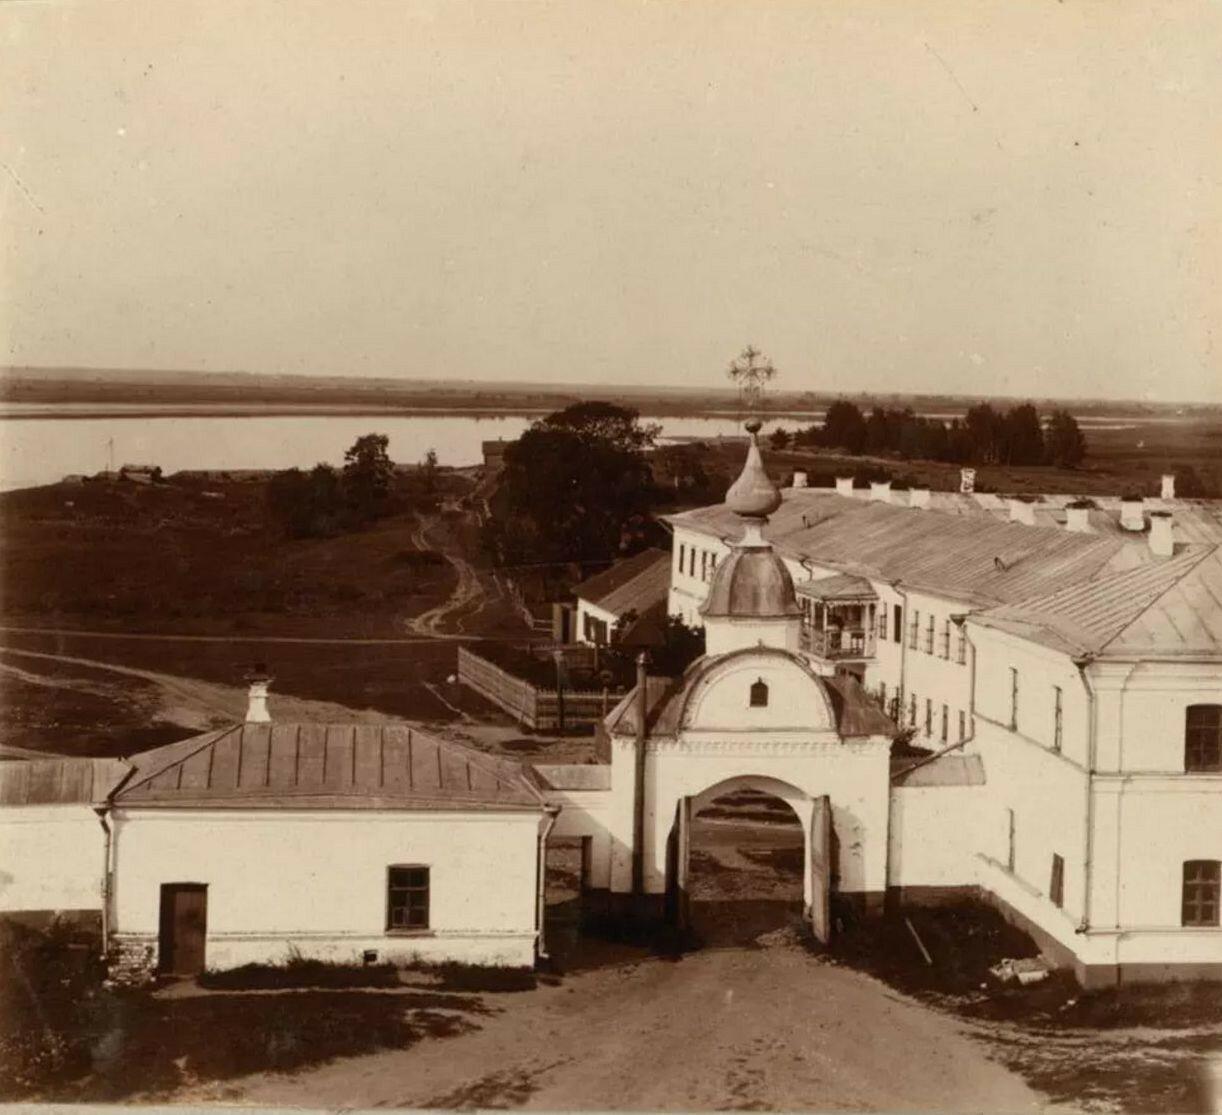 Николо-Бабаевский монастырь. Выход из монастыря. Вид с колокольни